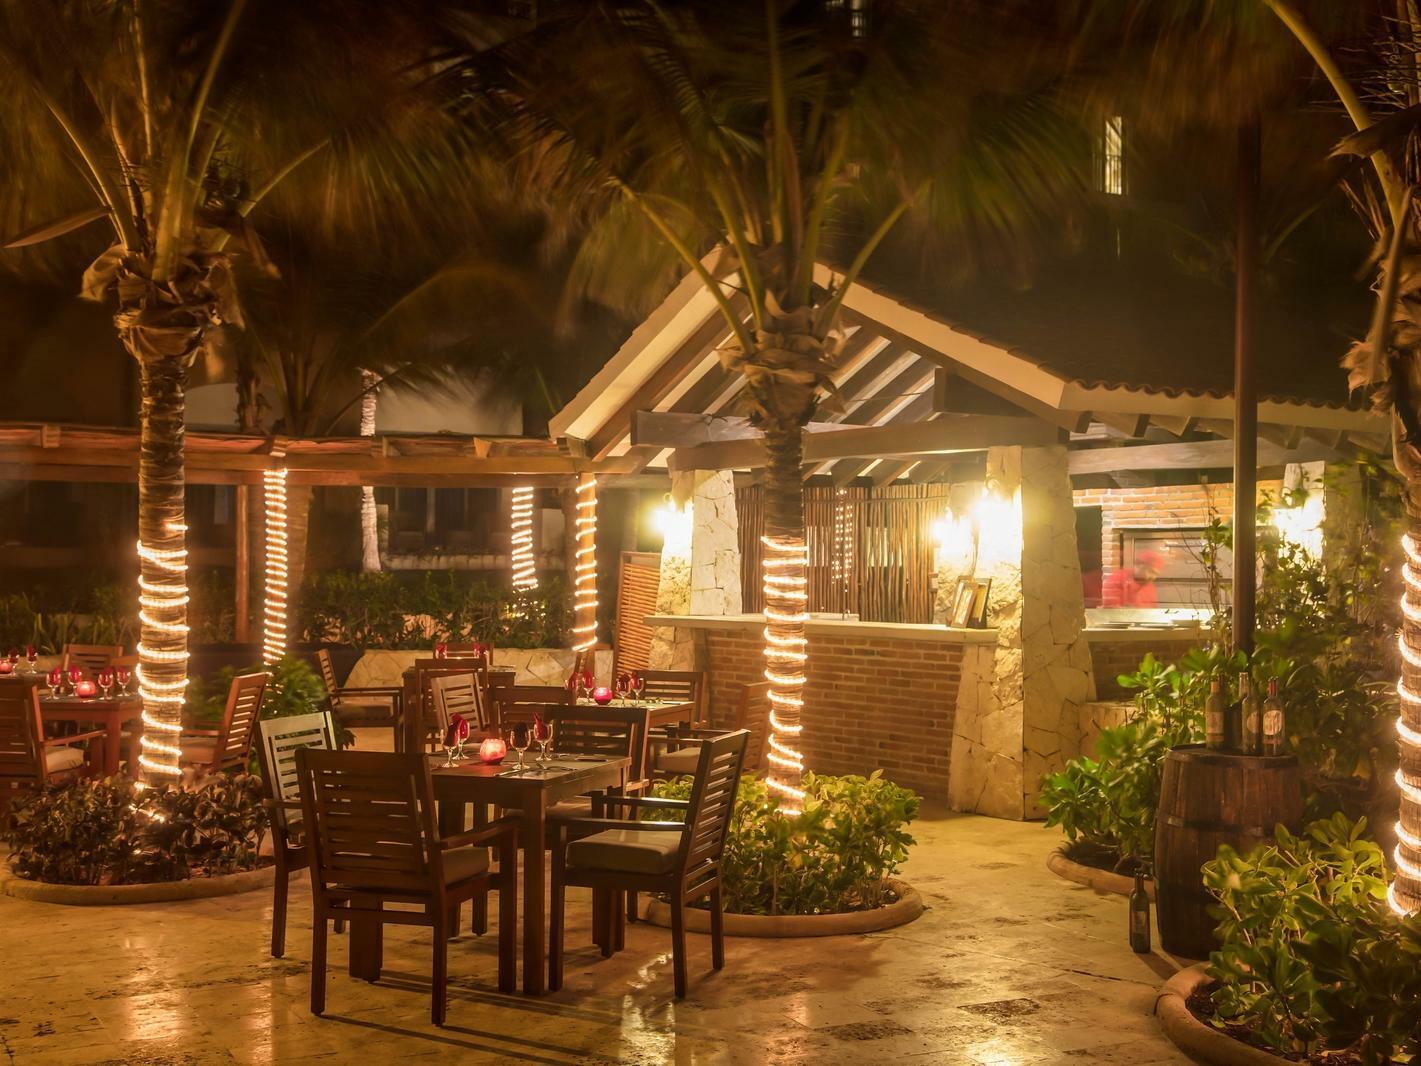 outdoor pbar/restaurant at night